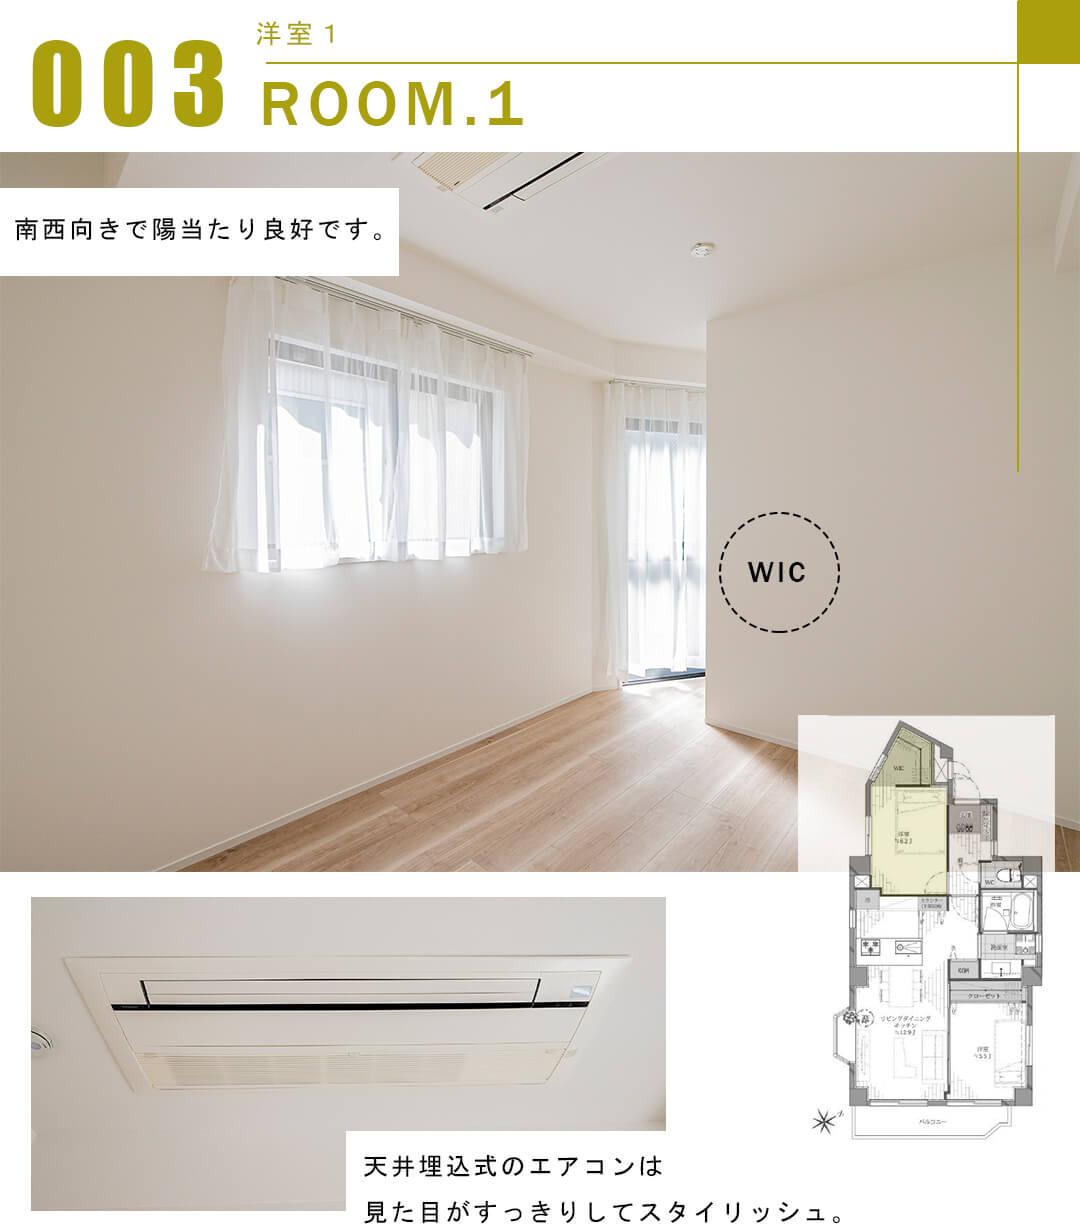 ライオンズマンション阿佐ヶ谷第2の洋室